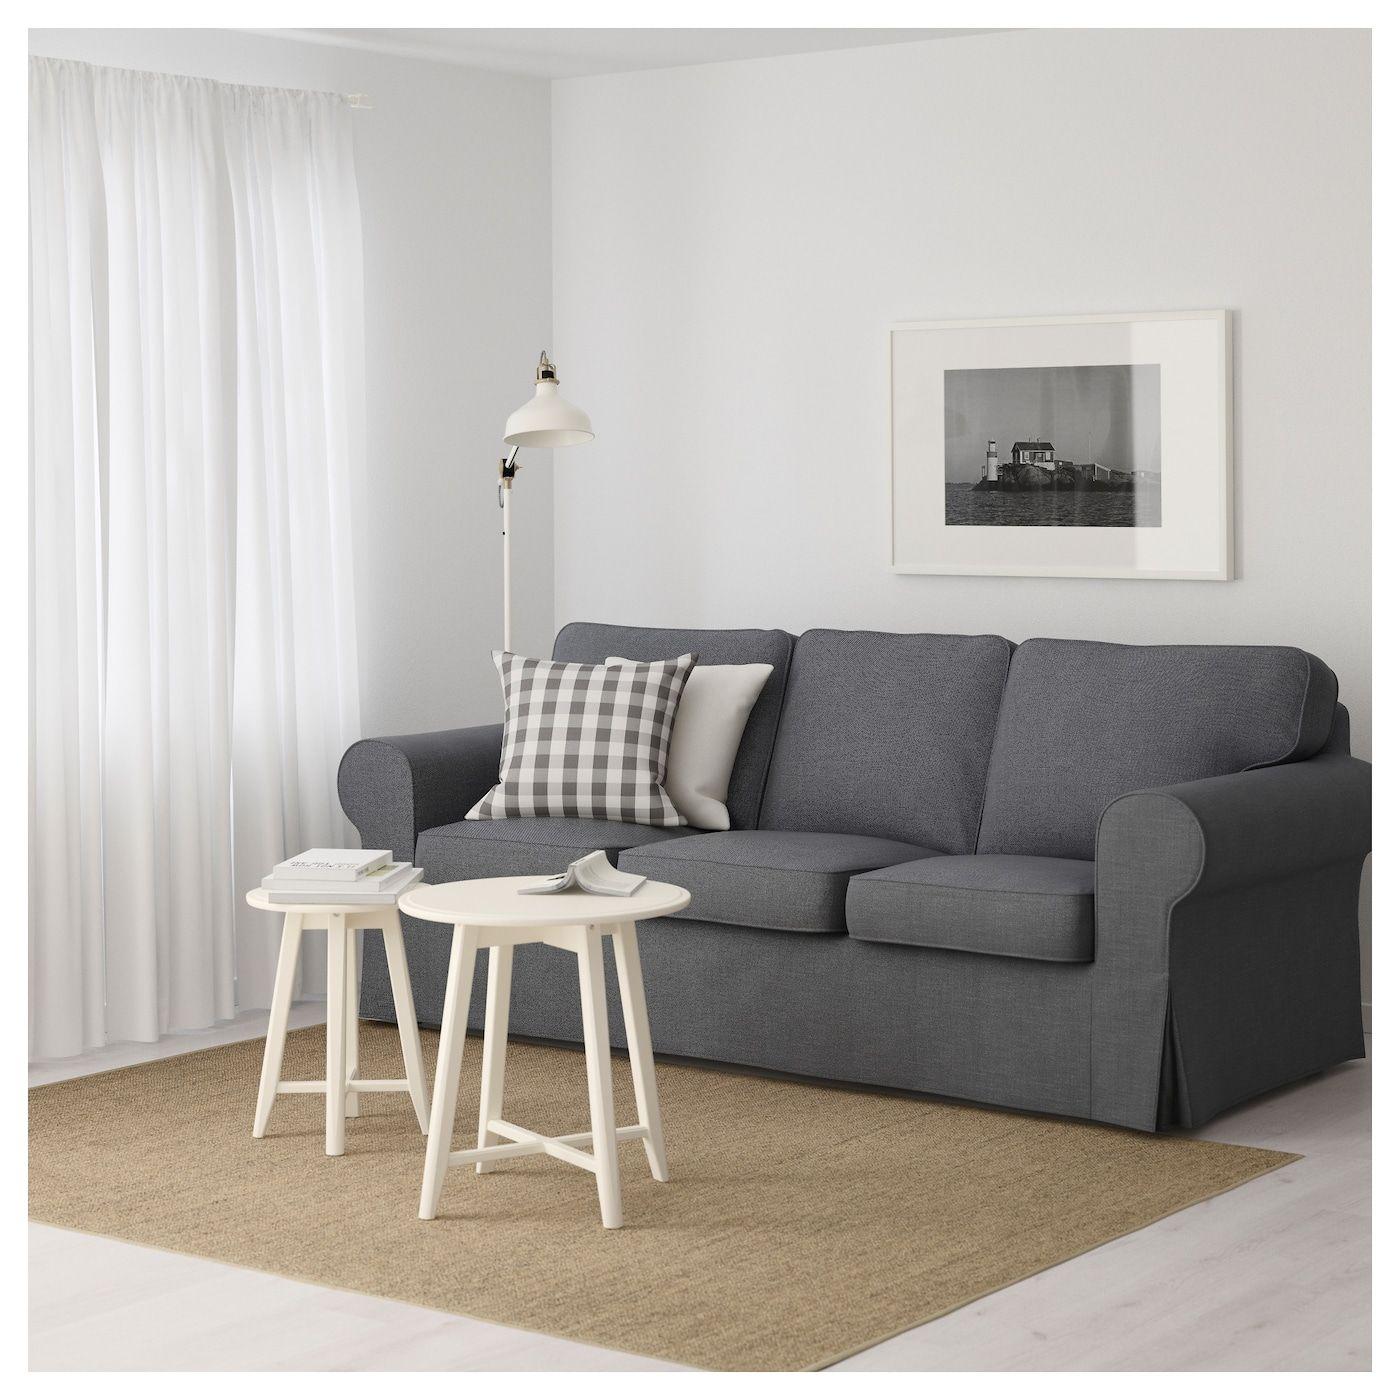 Ektorp 3er Sofa Nordvalla Dunkelgrau Ikea Deutschland Ektorp Sofa Bettsofa Kleines Sofa